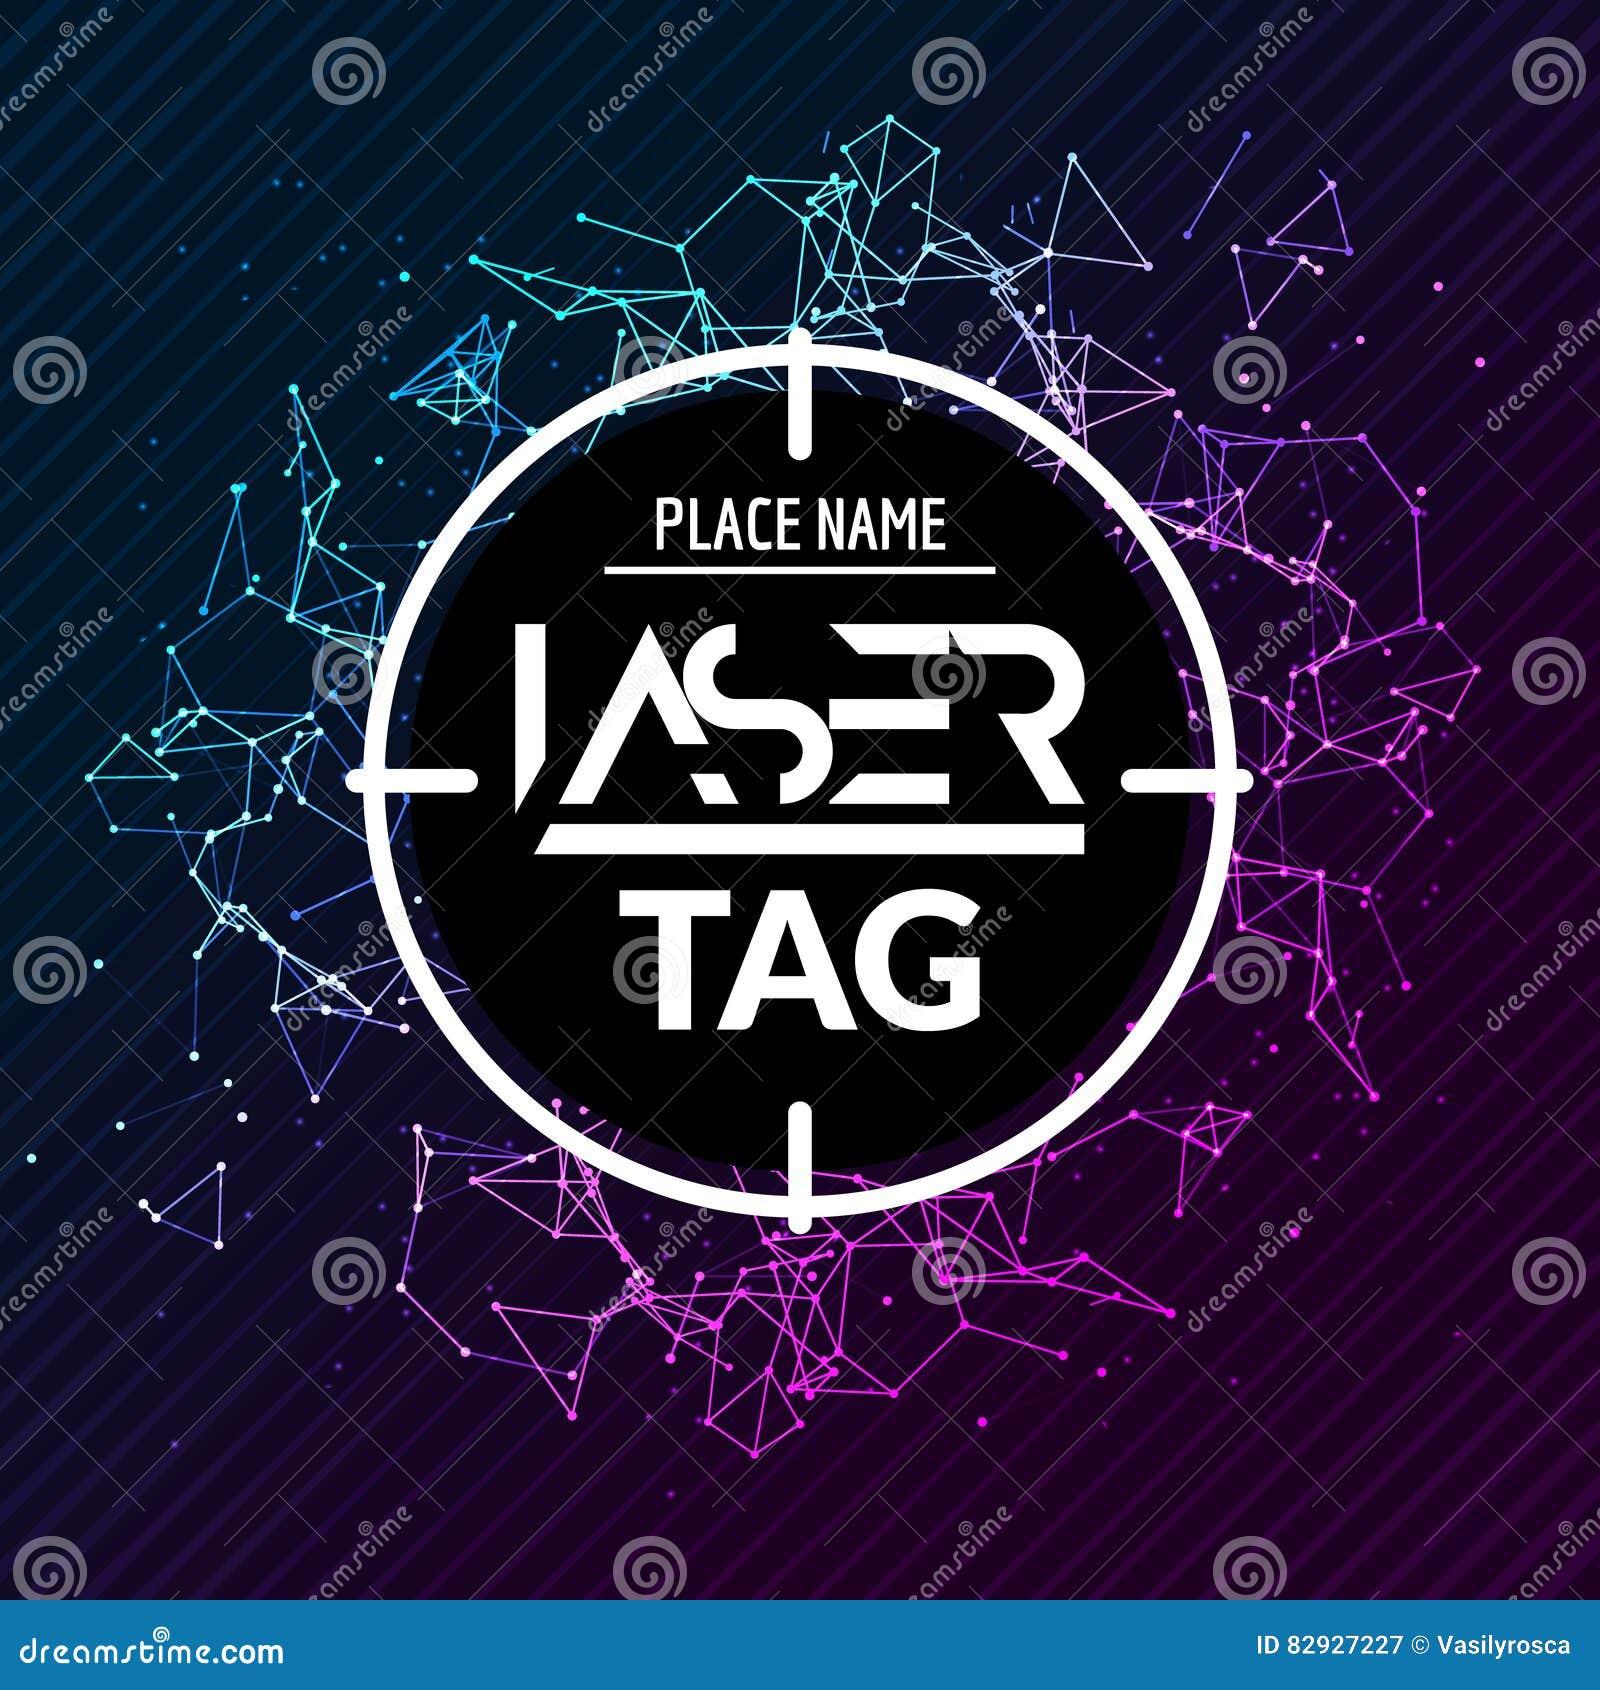 Laser Tag Target Game Poster Flyer Vector Lasertag Banner